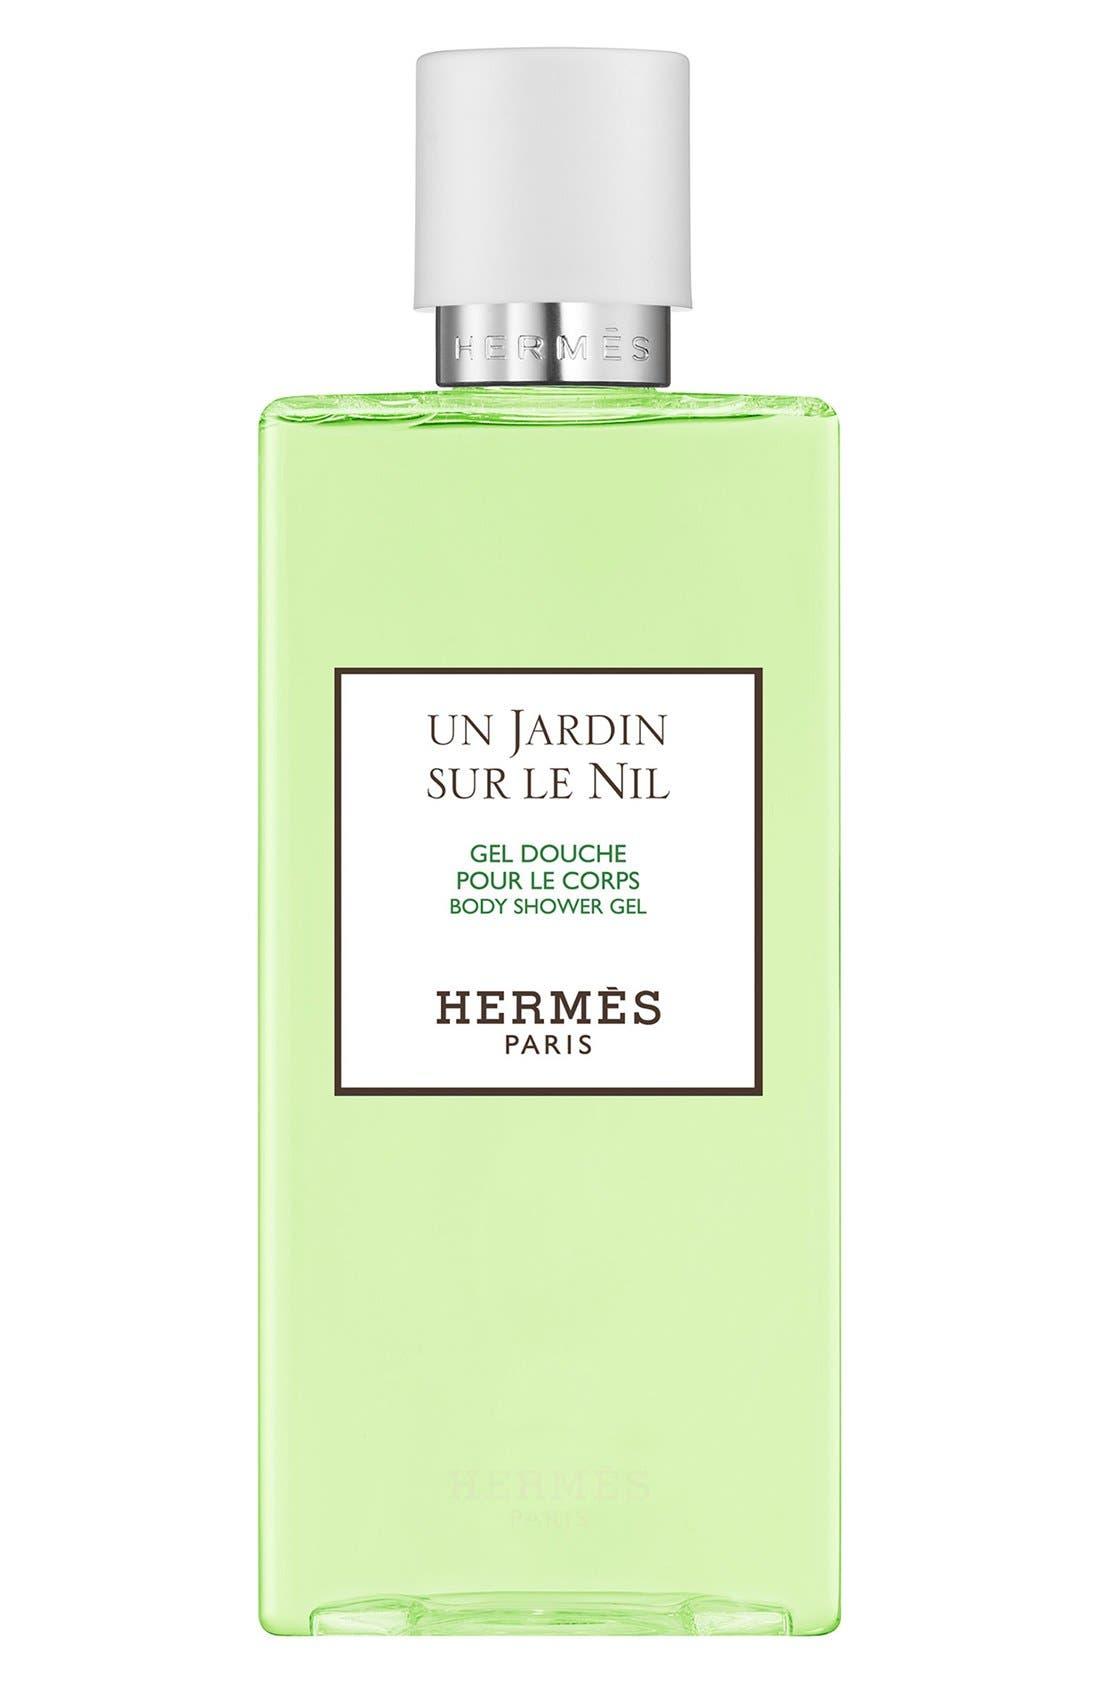 Hermès Le Jardin sur le Nil - Body shower gel